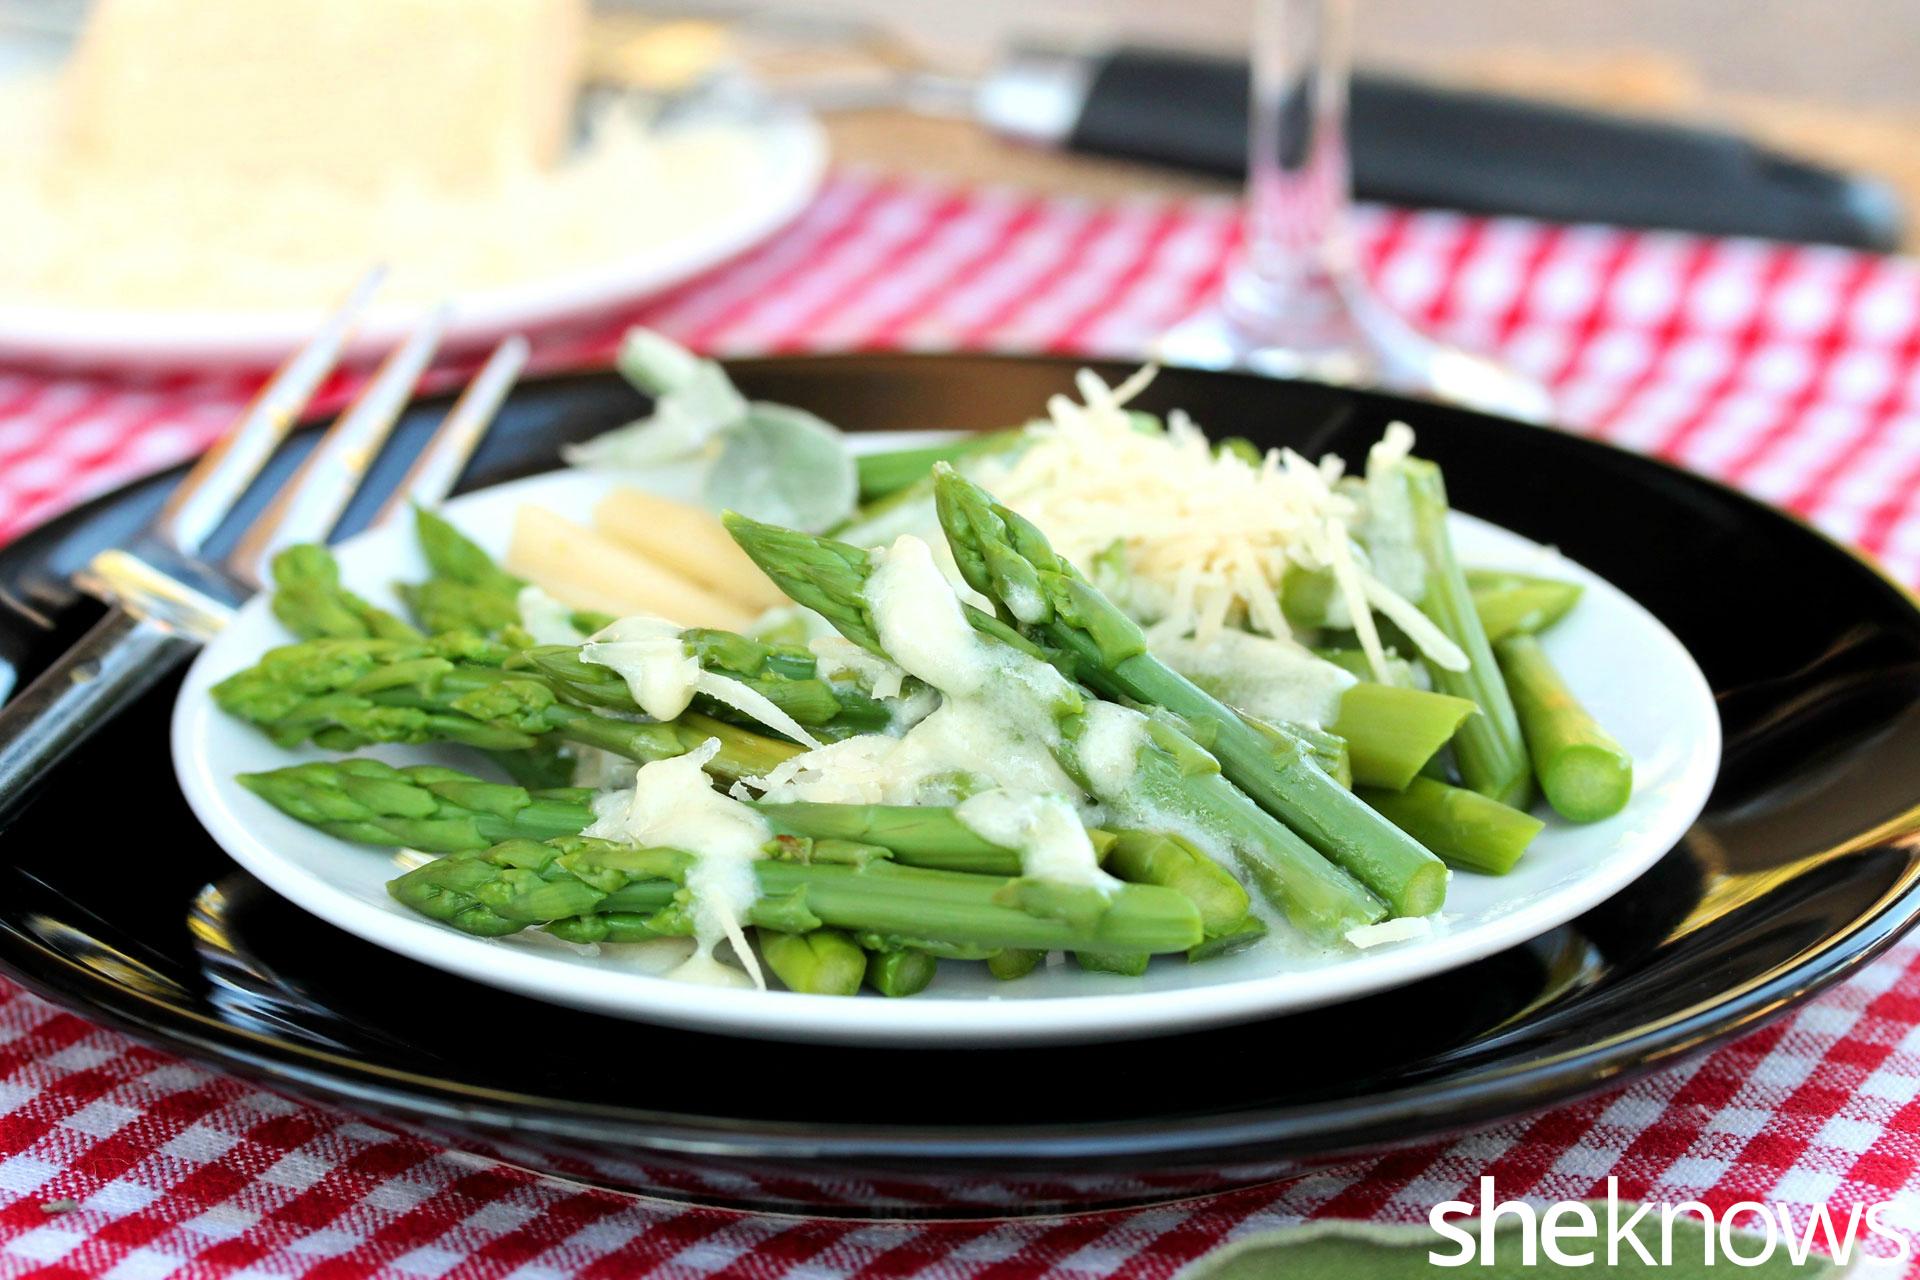 alfredo-asparagus-on-plate